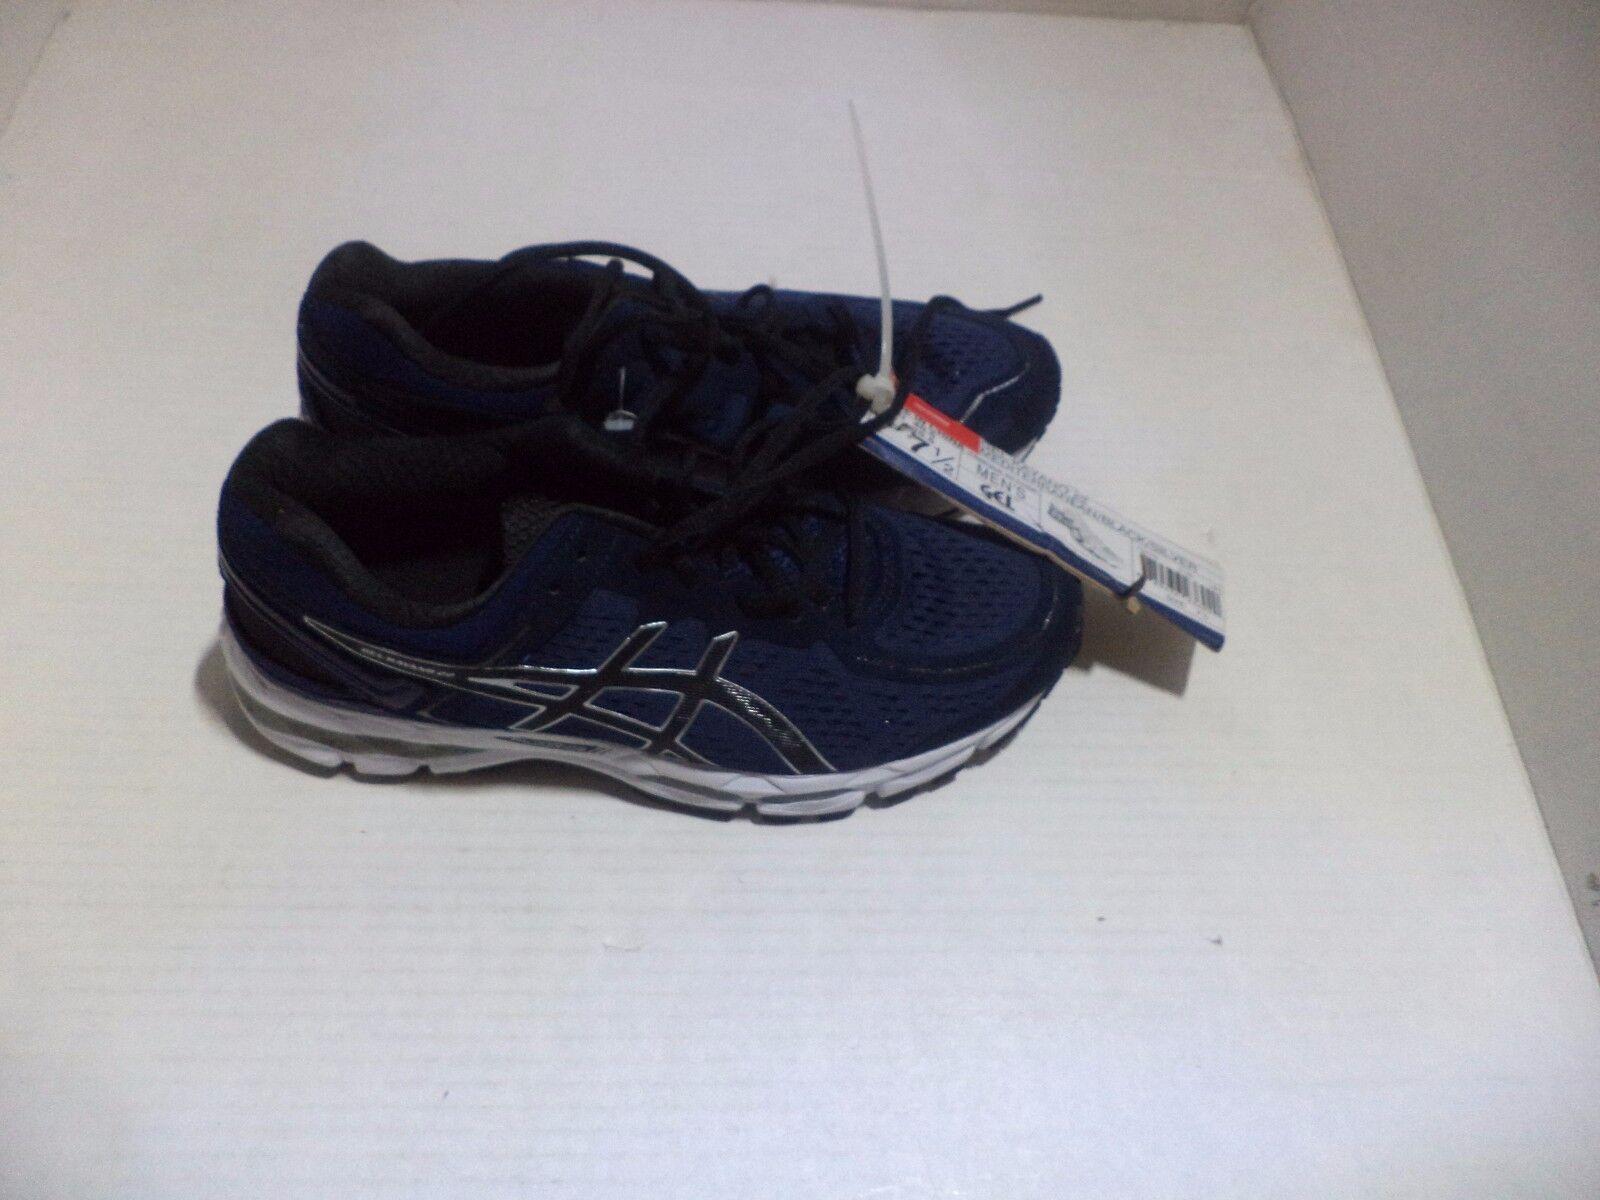 ASICS Men's GEL-Kayano 22 Running Shoe Size 7.5 Colors Mediterranean/Black/Silve